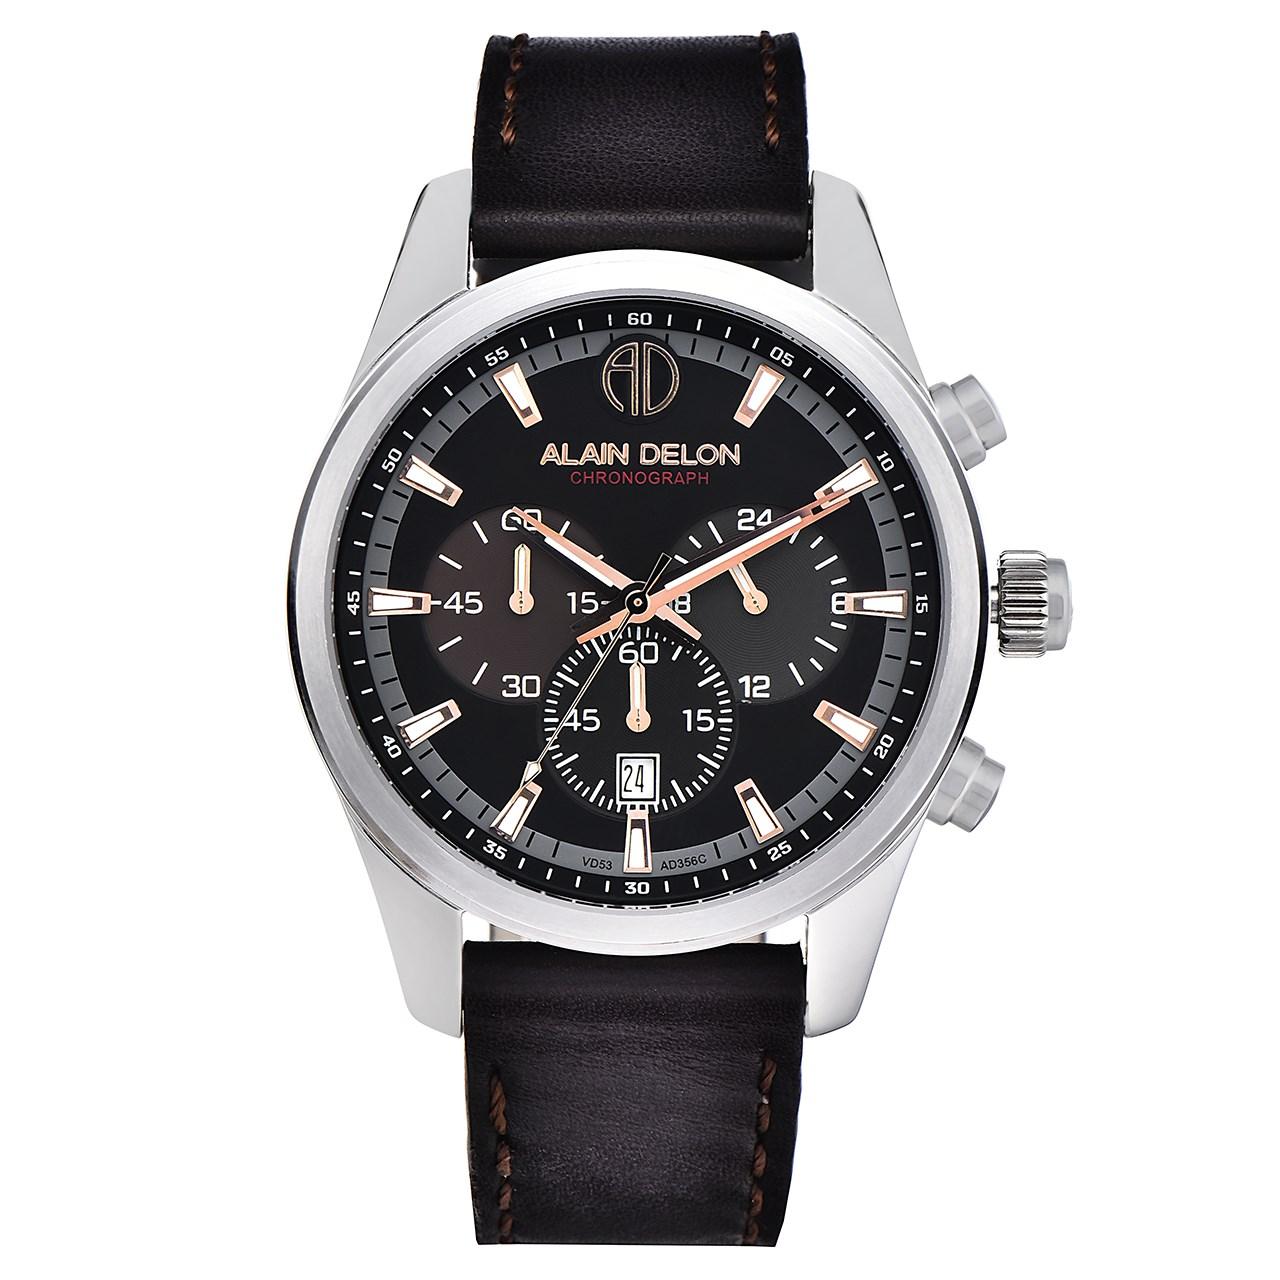 ساعت مچی عقربه ای مردانه آلن دلون مدل AD356-1349C